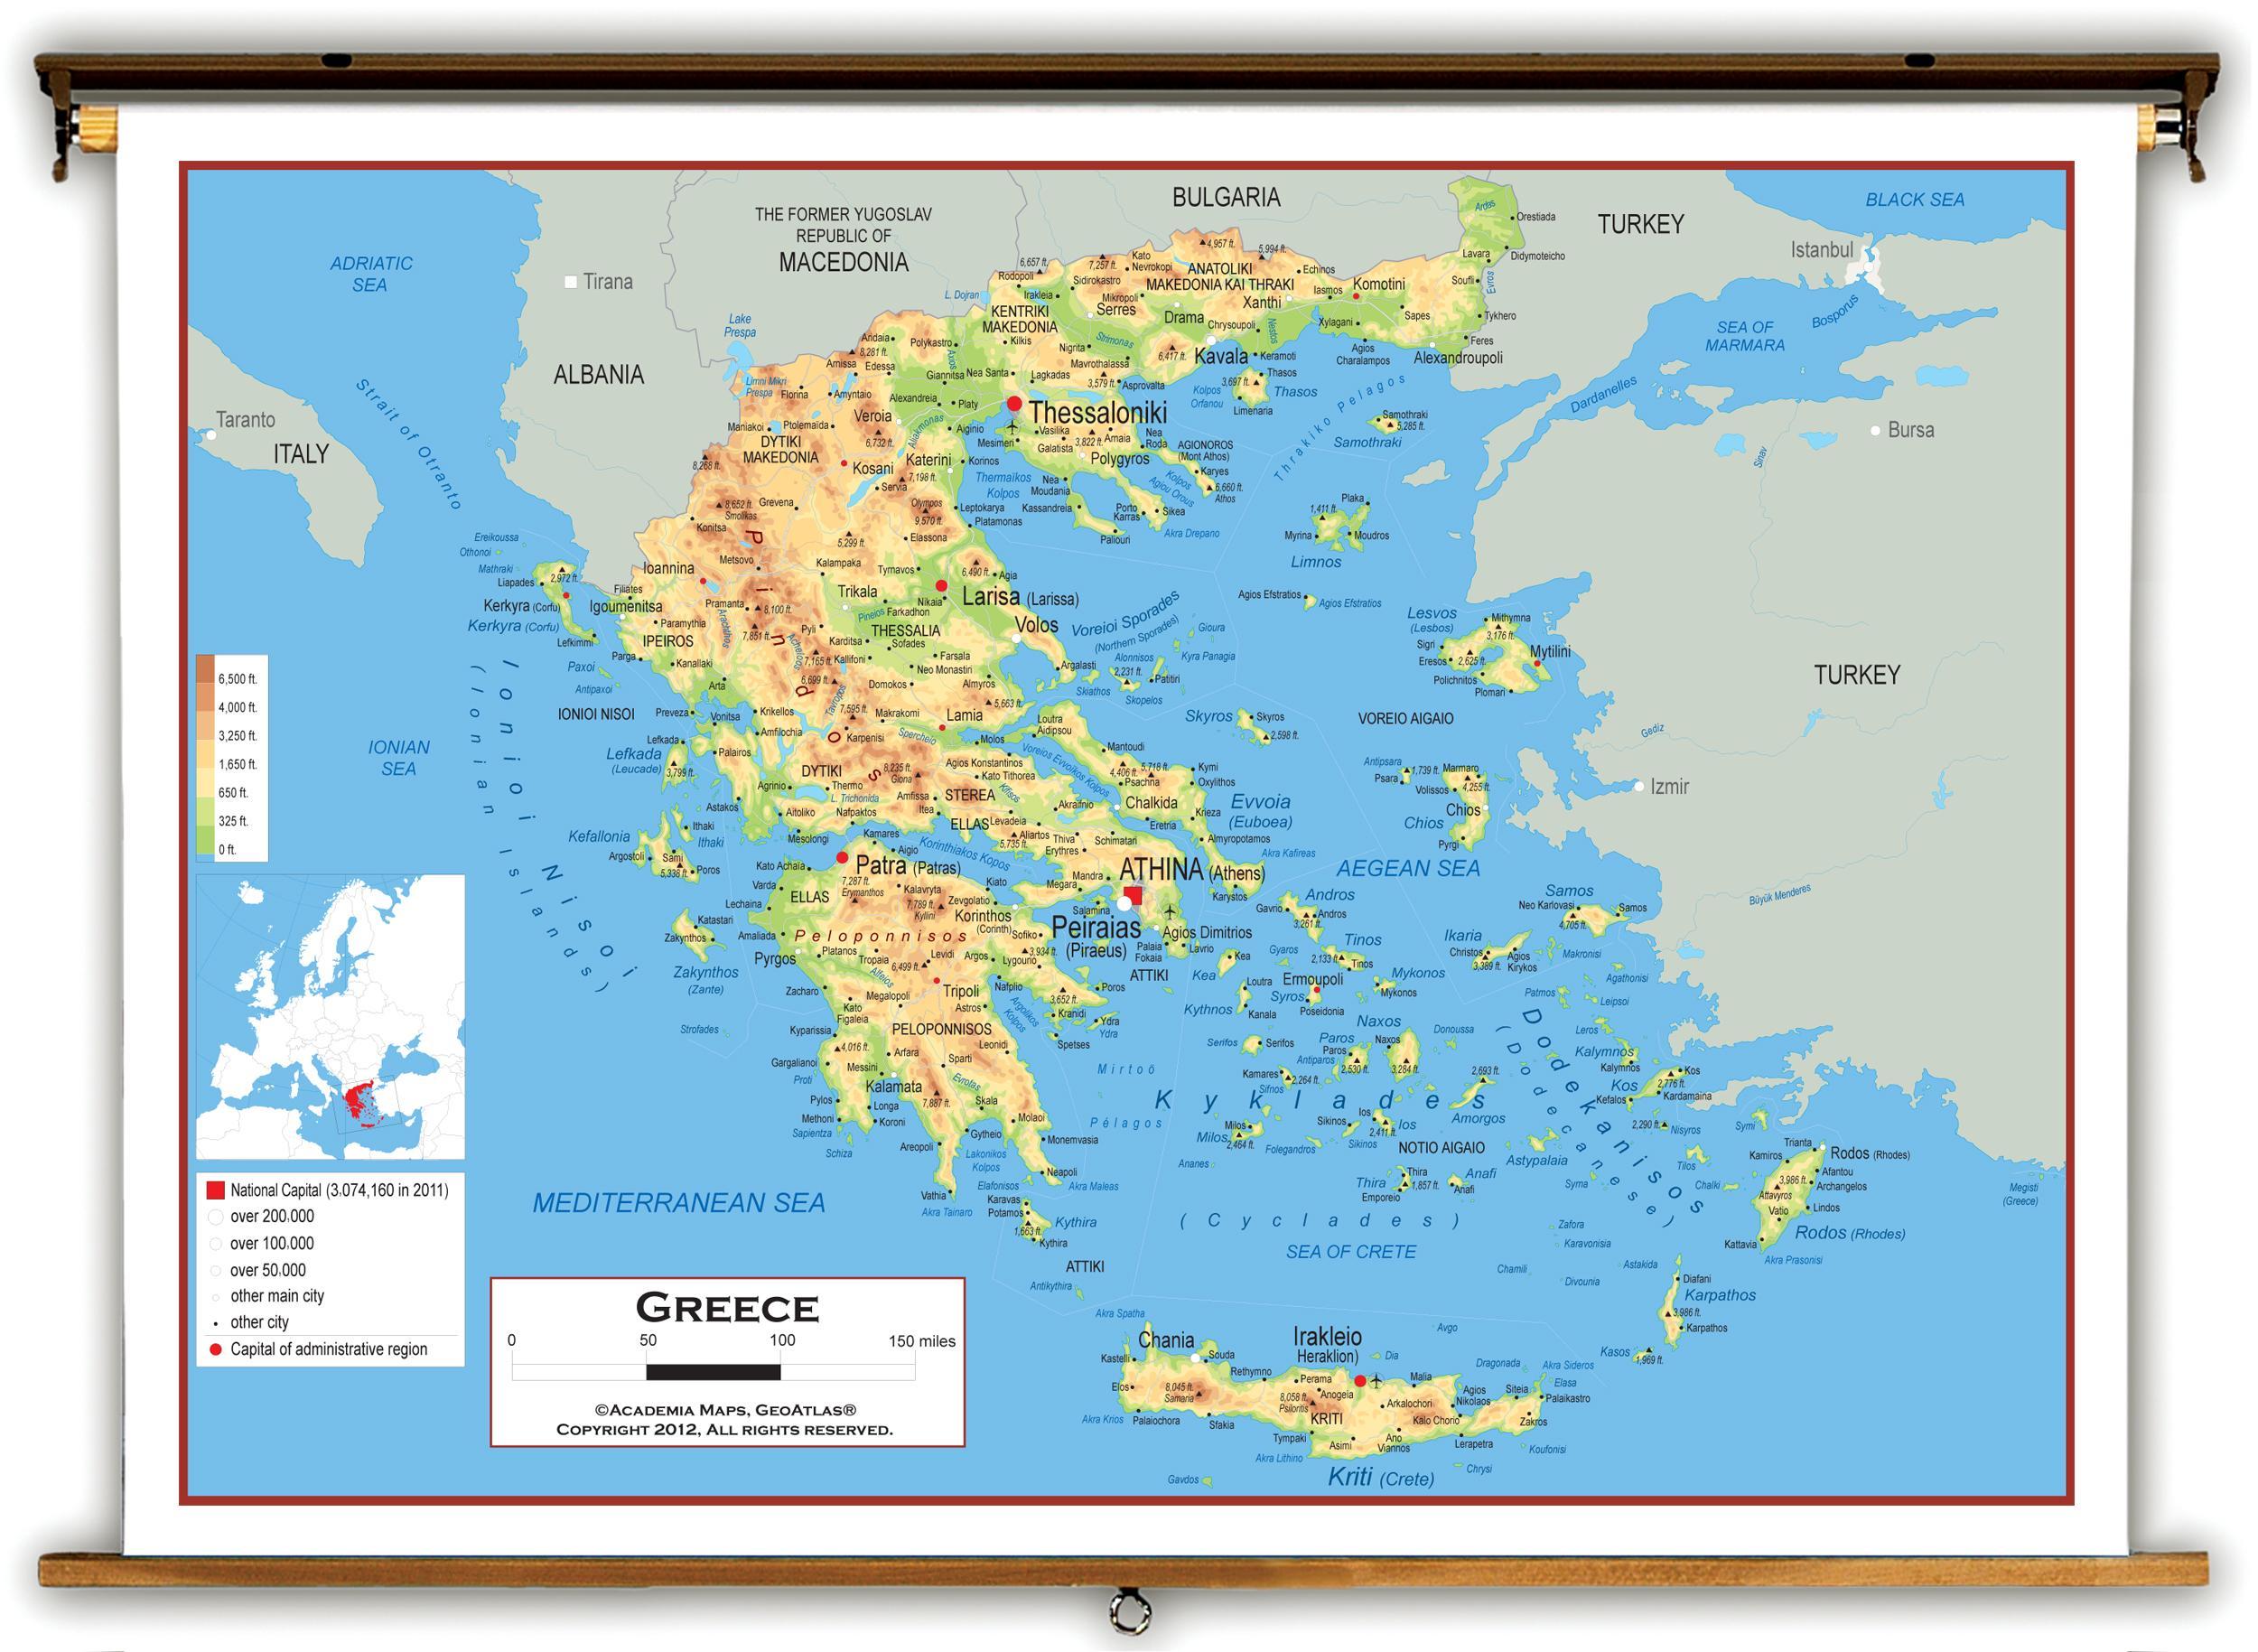 Grecia Harta Fizică Harta Fizică A Greciei Europa De Sud Europa